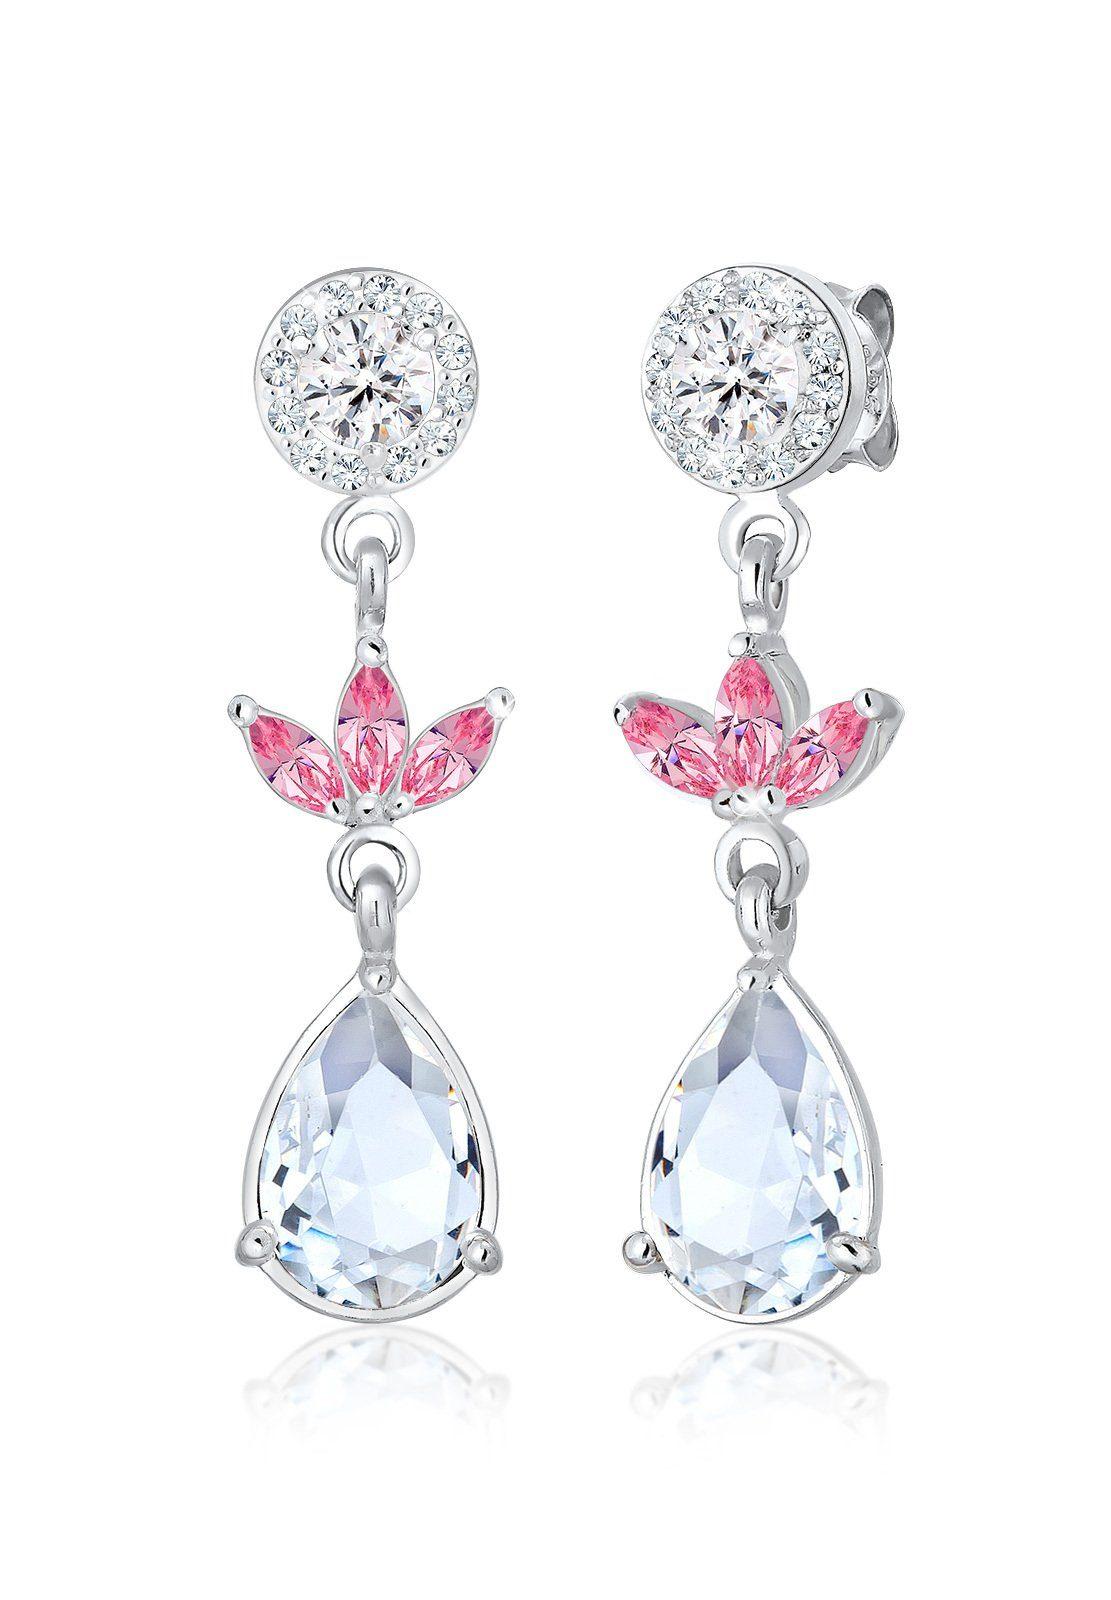 Elli Paar Ohrhänger »Hänger Blume Swarovski® Kristalle 925 Silber Fiore«